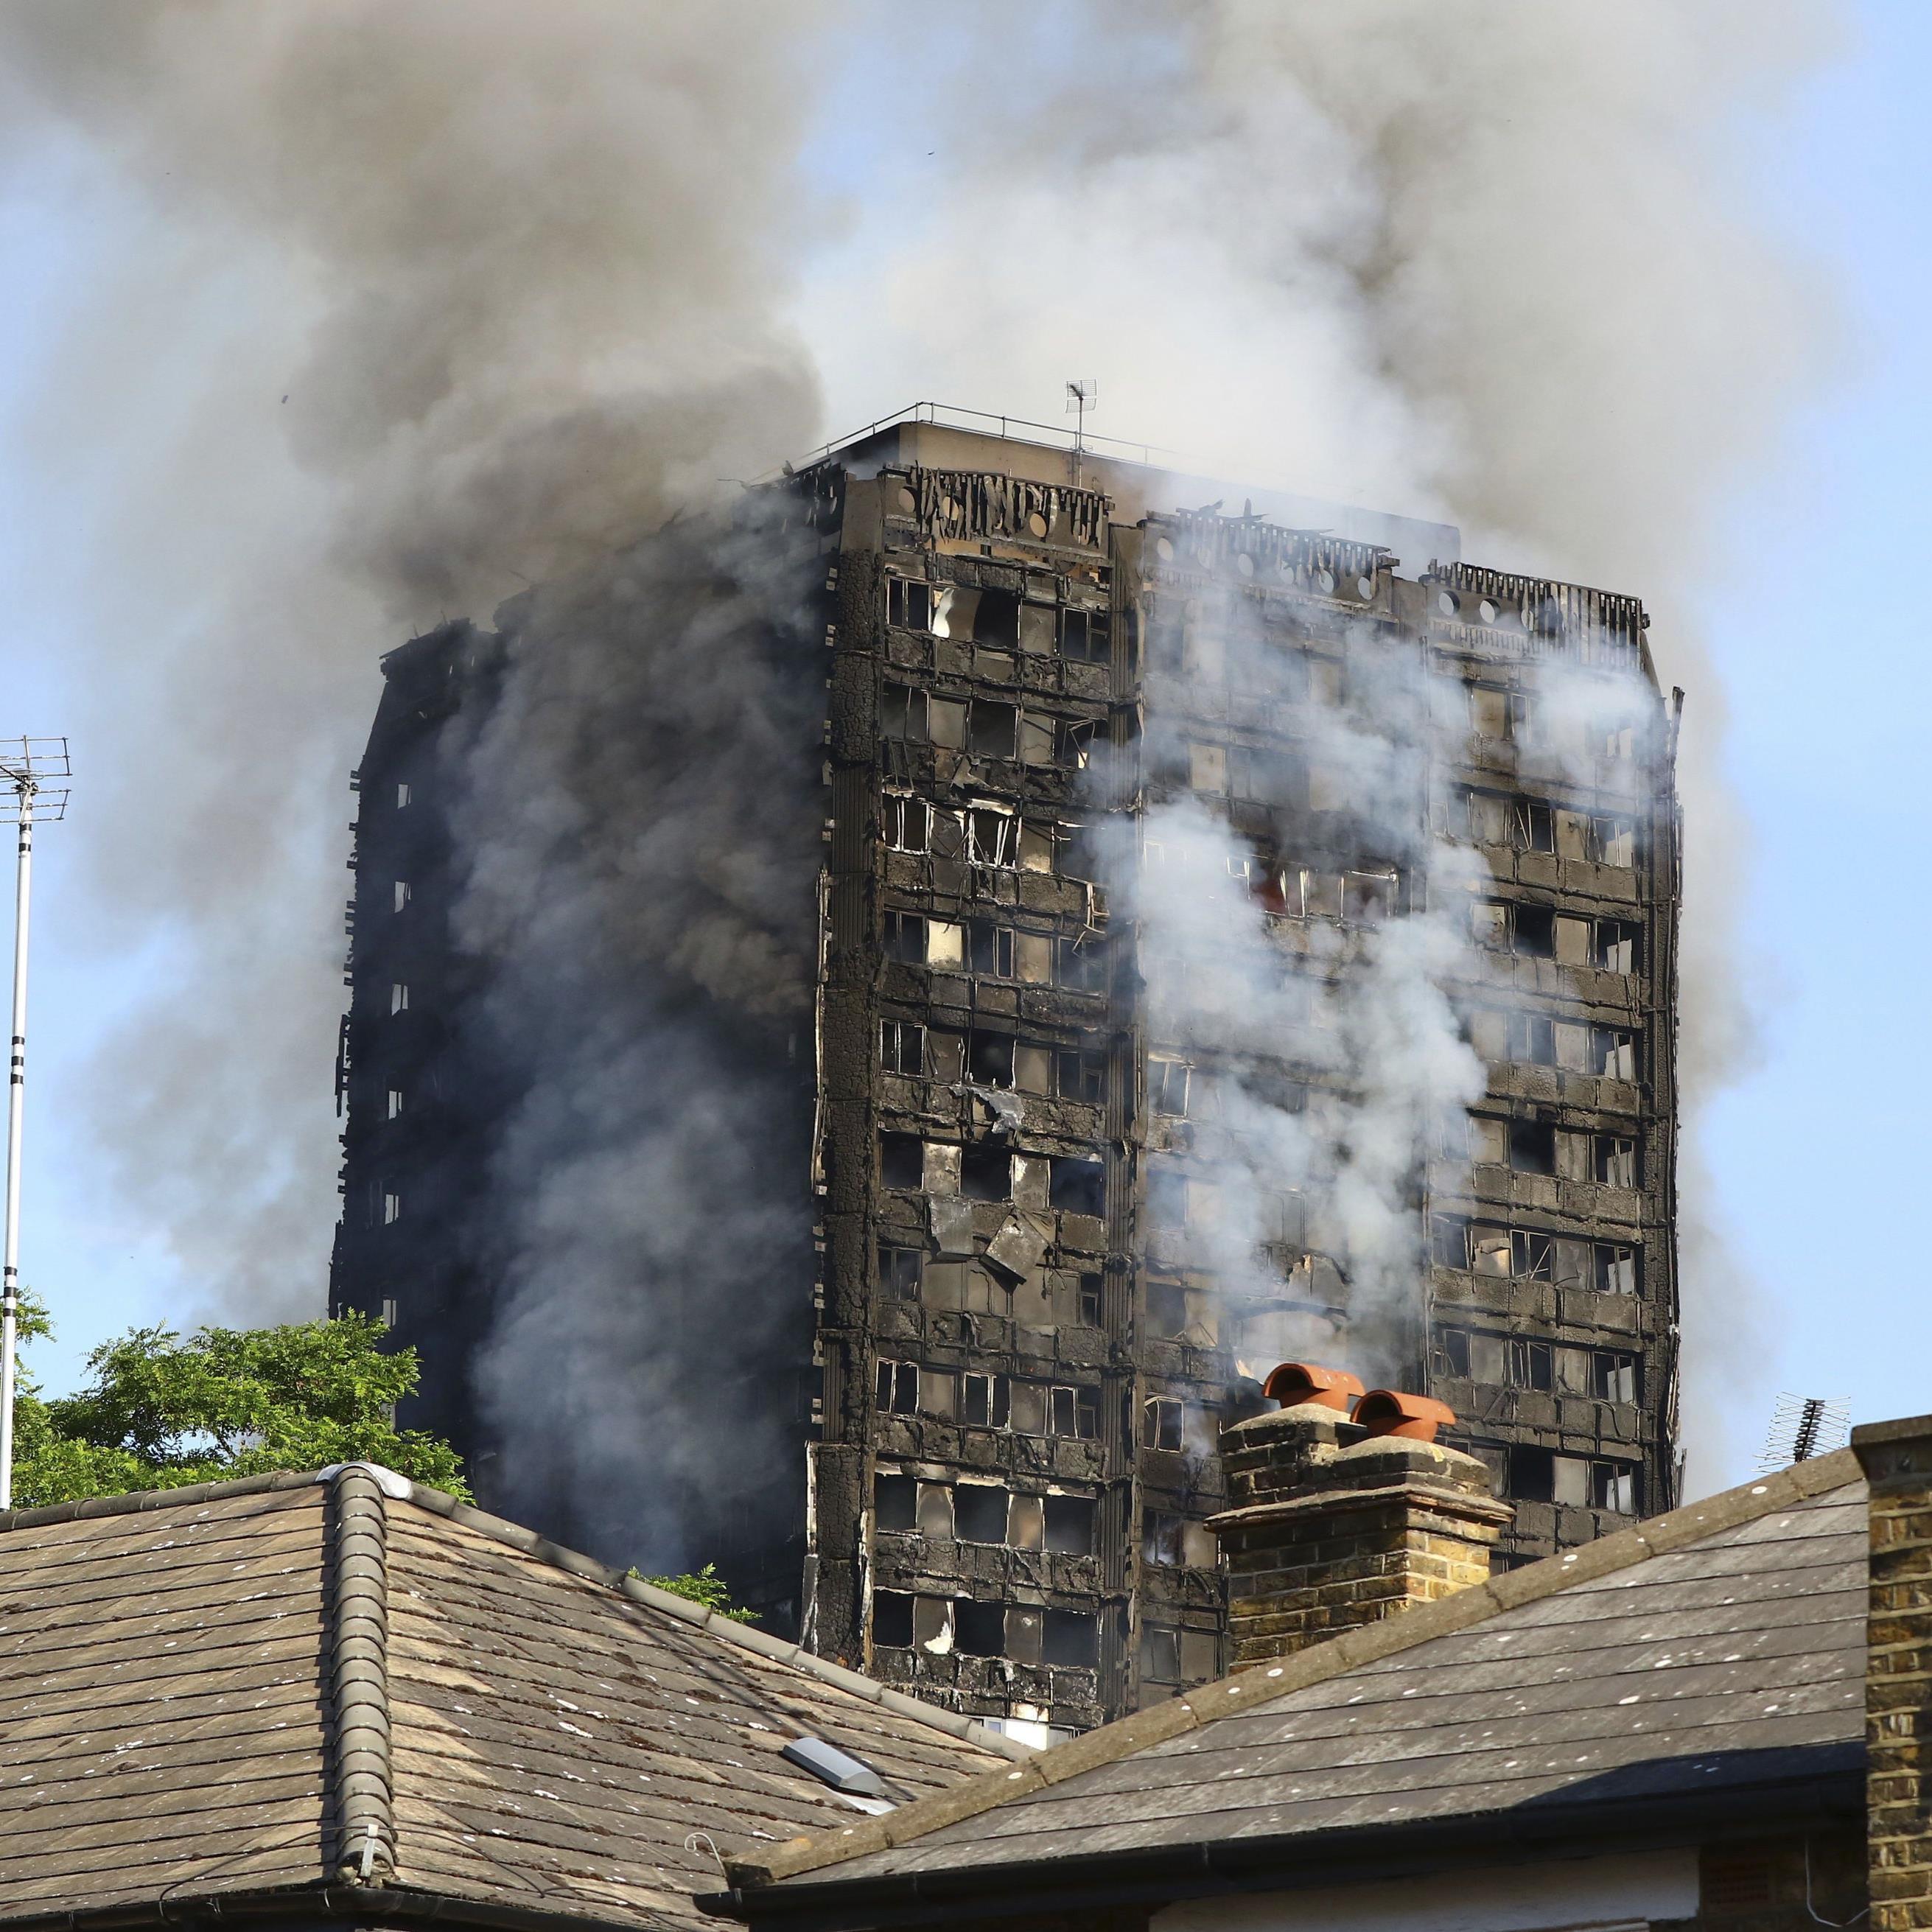 Nach dem verheerenden Brand in London schweben immer noch einige Opfer in Lebensgefahr.